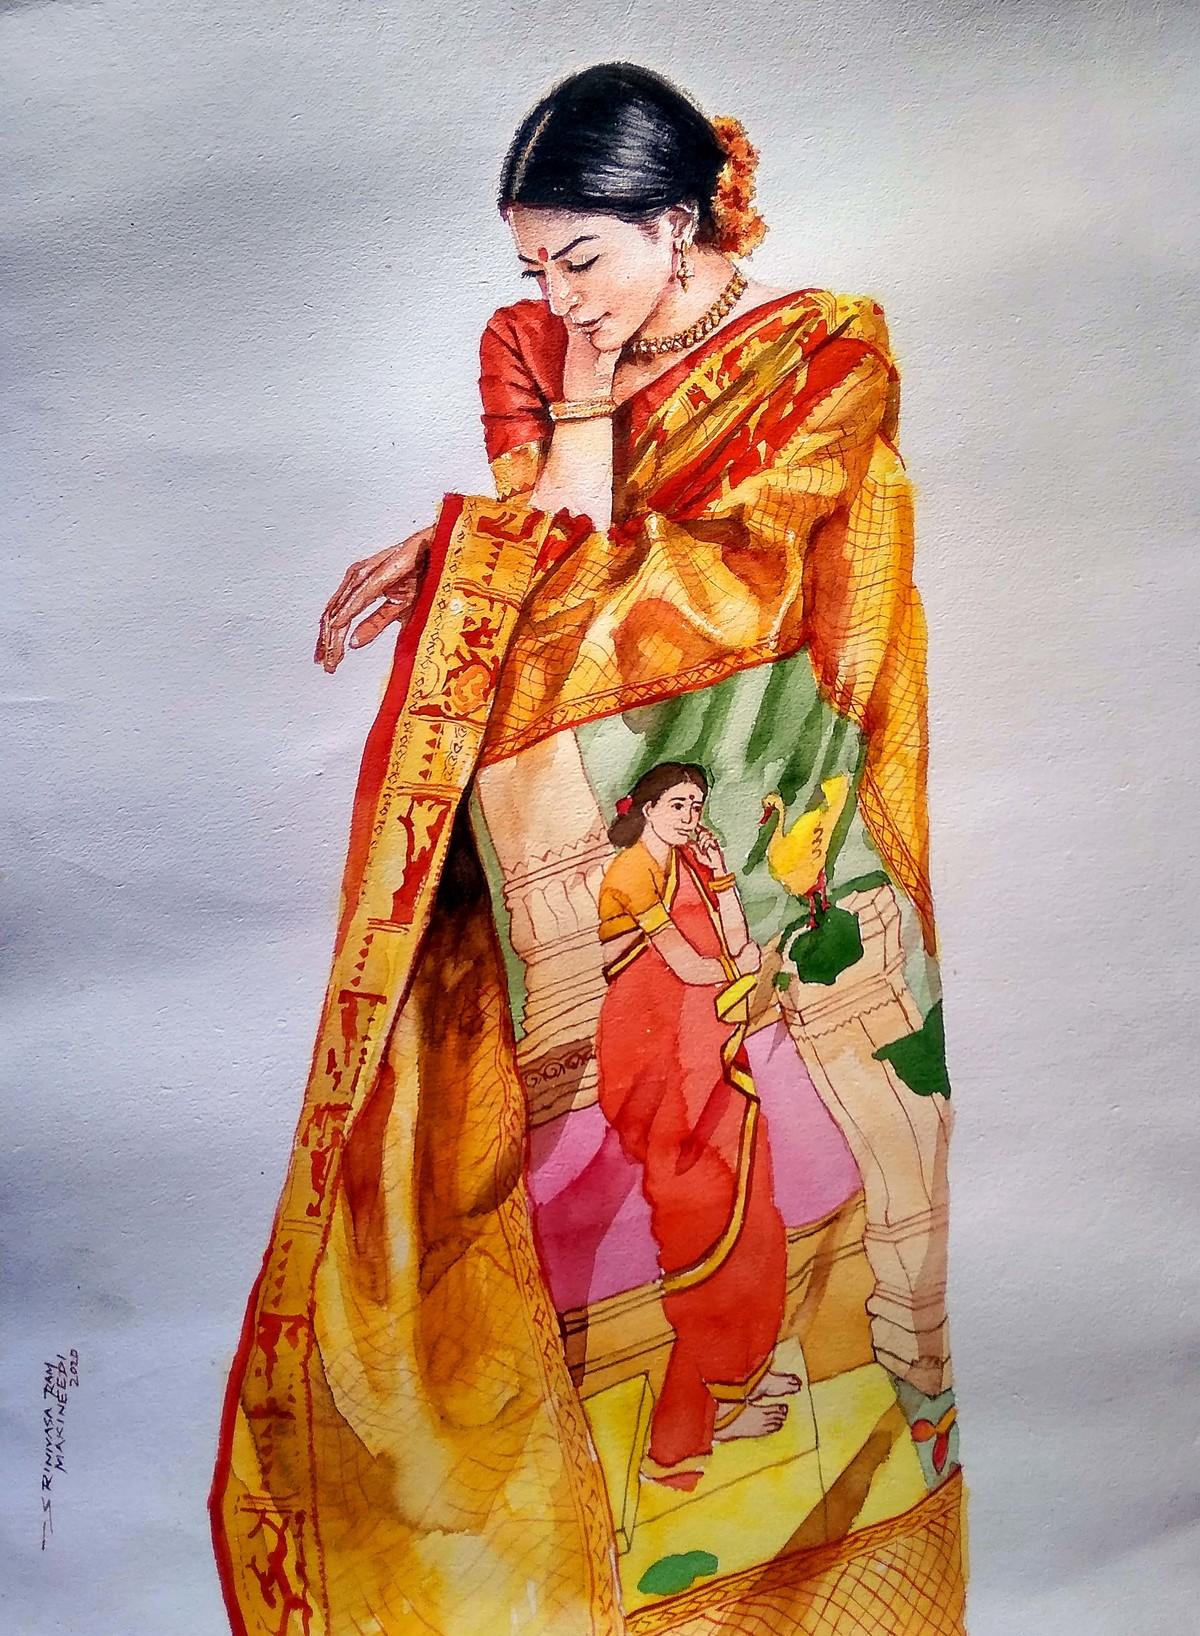 Lady with Ravi rarma painting saree Digital Print by Sreenivasa Ram Makineedi,Impressionism